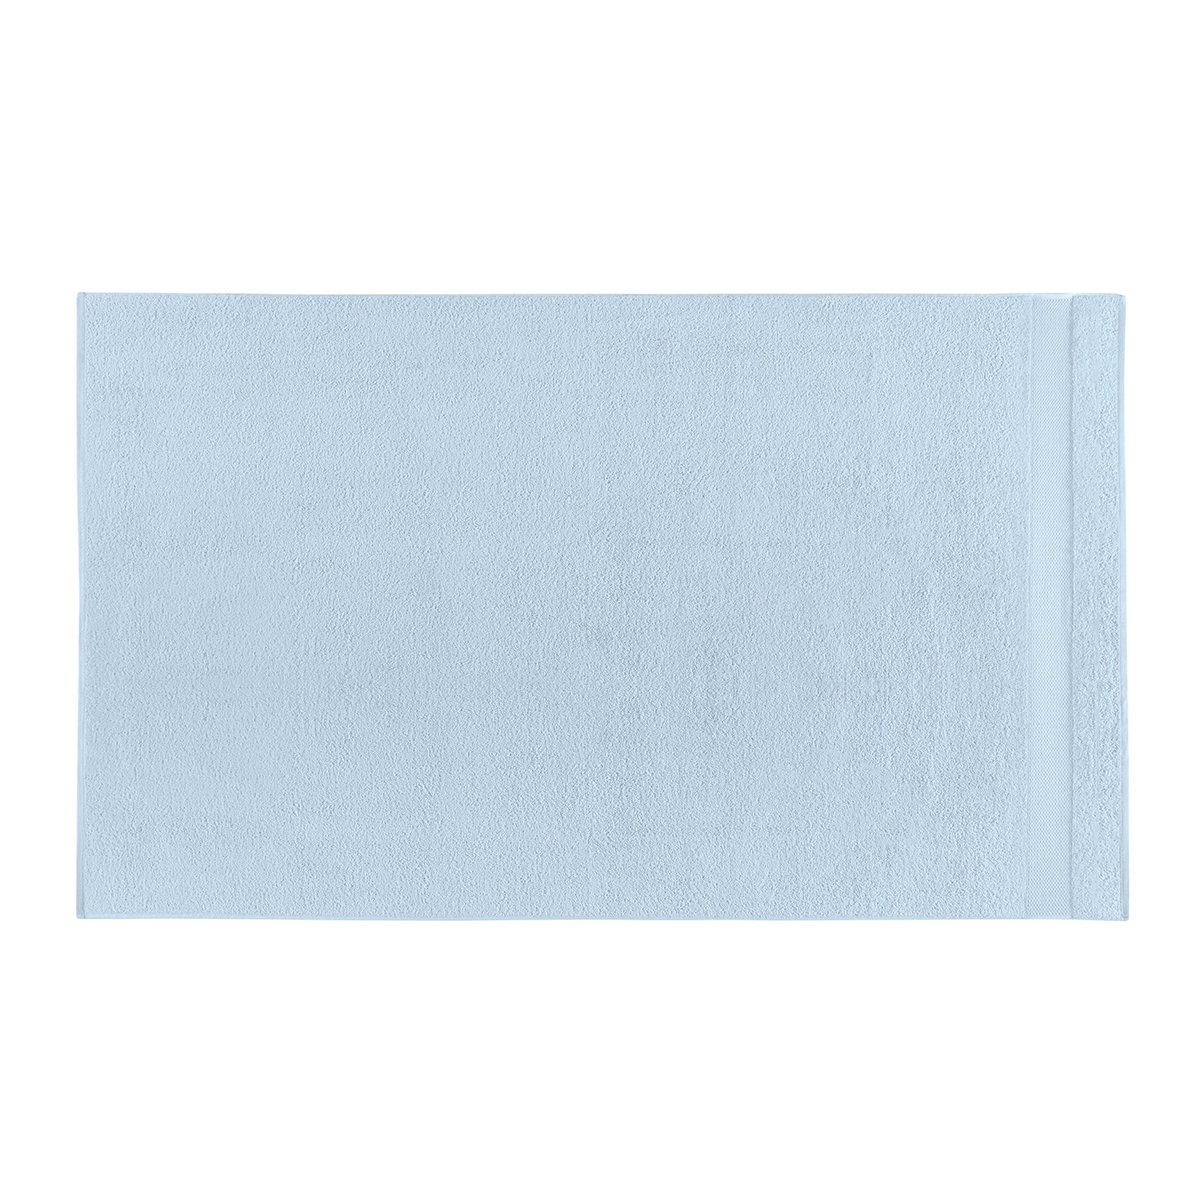 Drap de bain coton 90x150 cm ciel